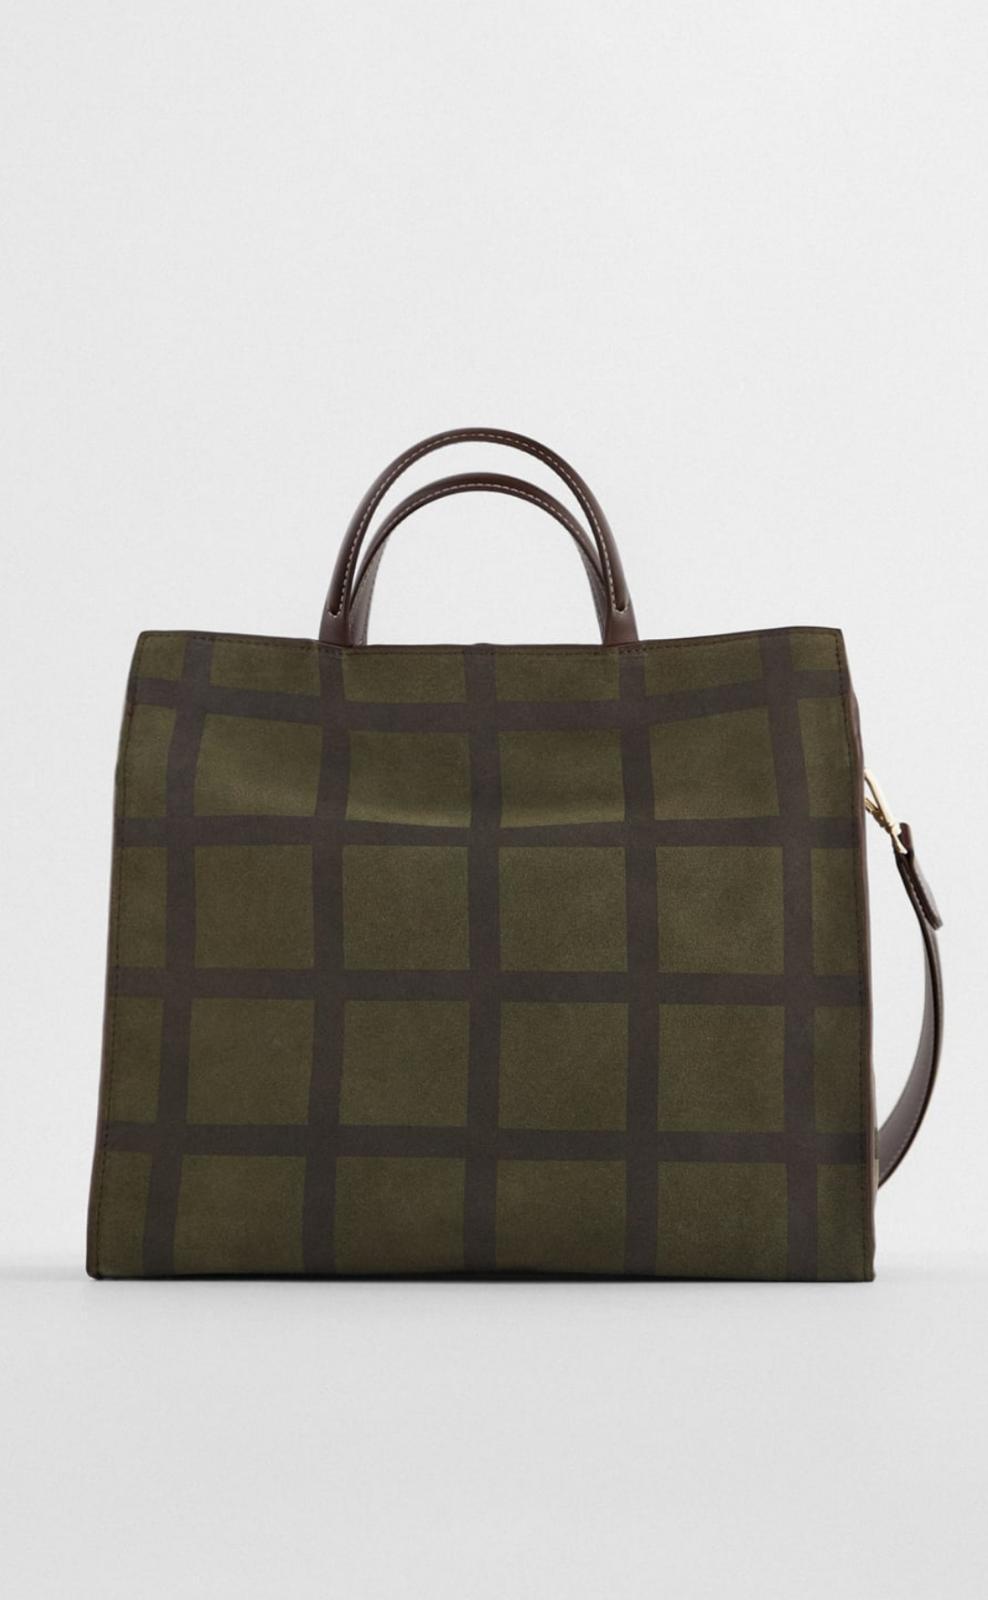 Bolso shopper de piel con asa de hombro extraíble, en color verde caqui con estampado de cuadros en tonos marrón chocolate, de Zara (59'95€)